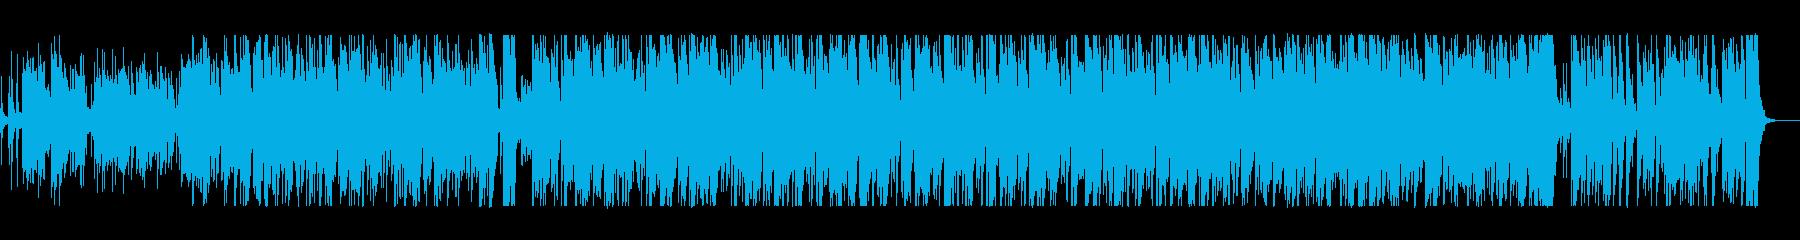 スティールパンの音が心地いいボサノヴァの再生済みの波形